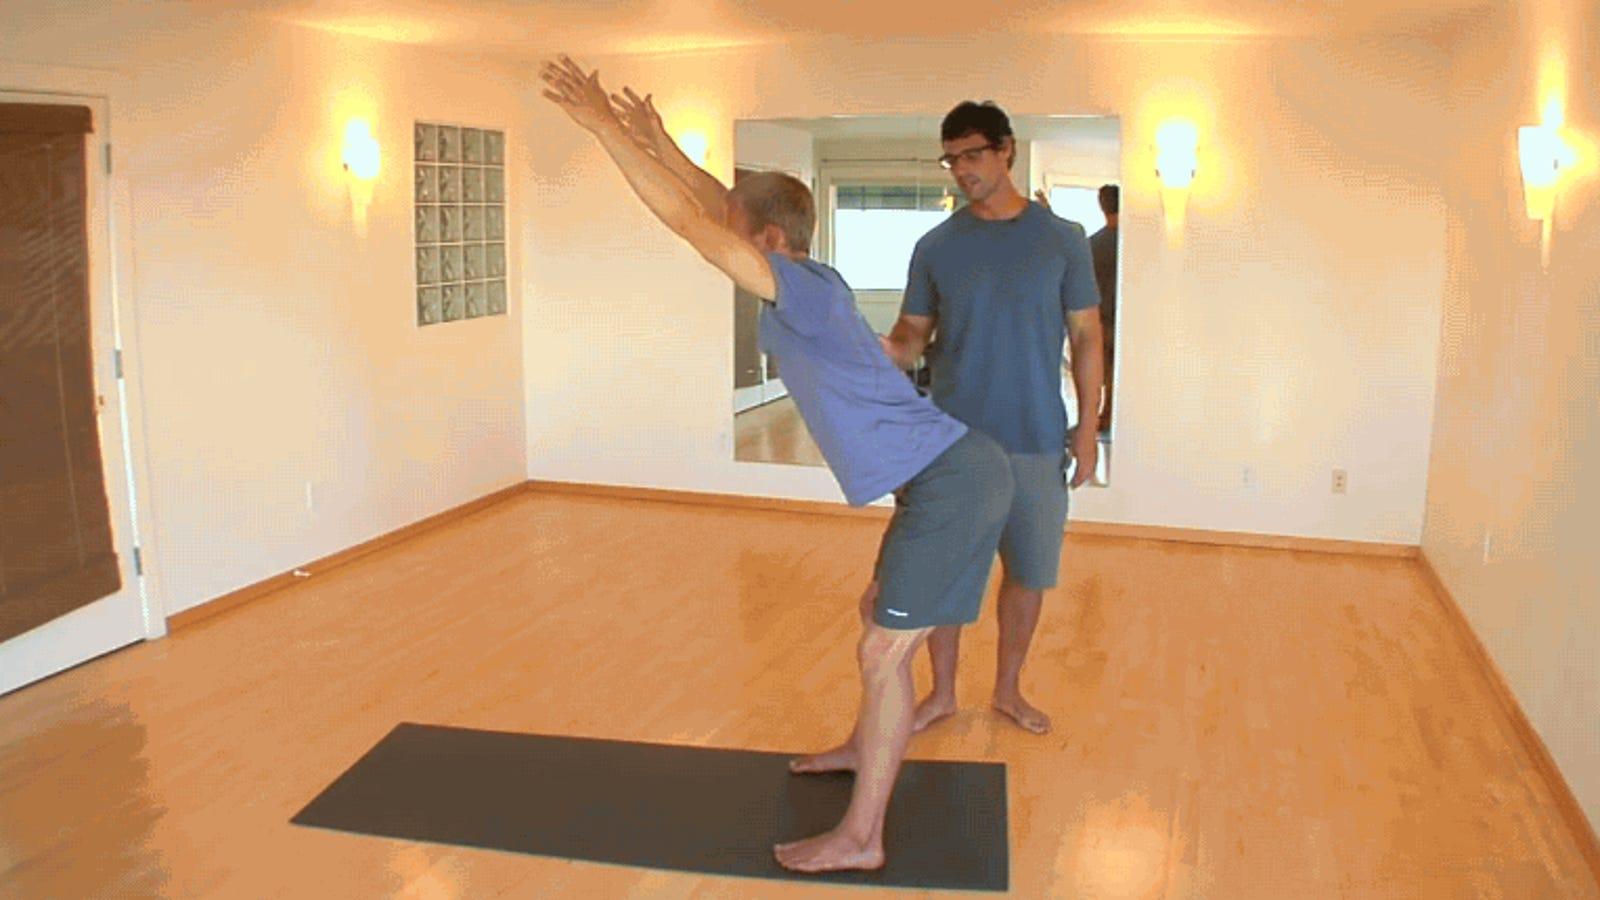 Cuatro minutos de ejercicio bastan para aliviar el dolor de espalda de sentarse frente al PC